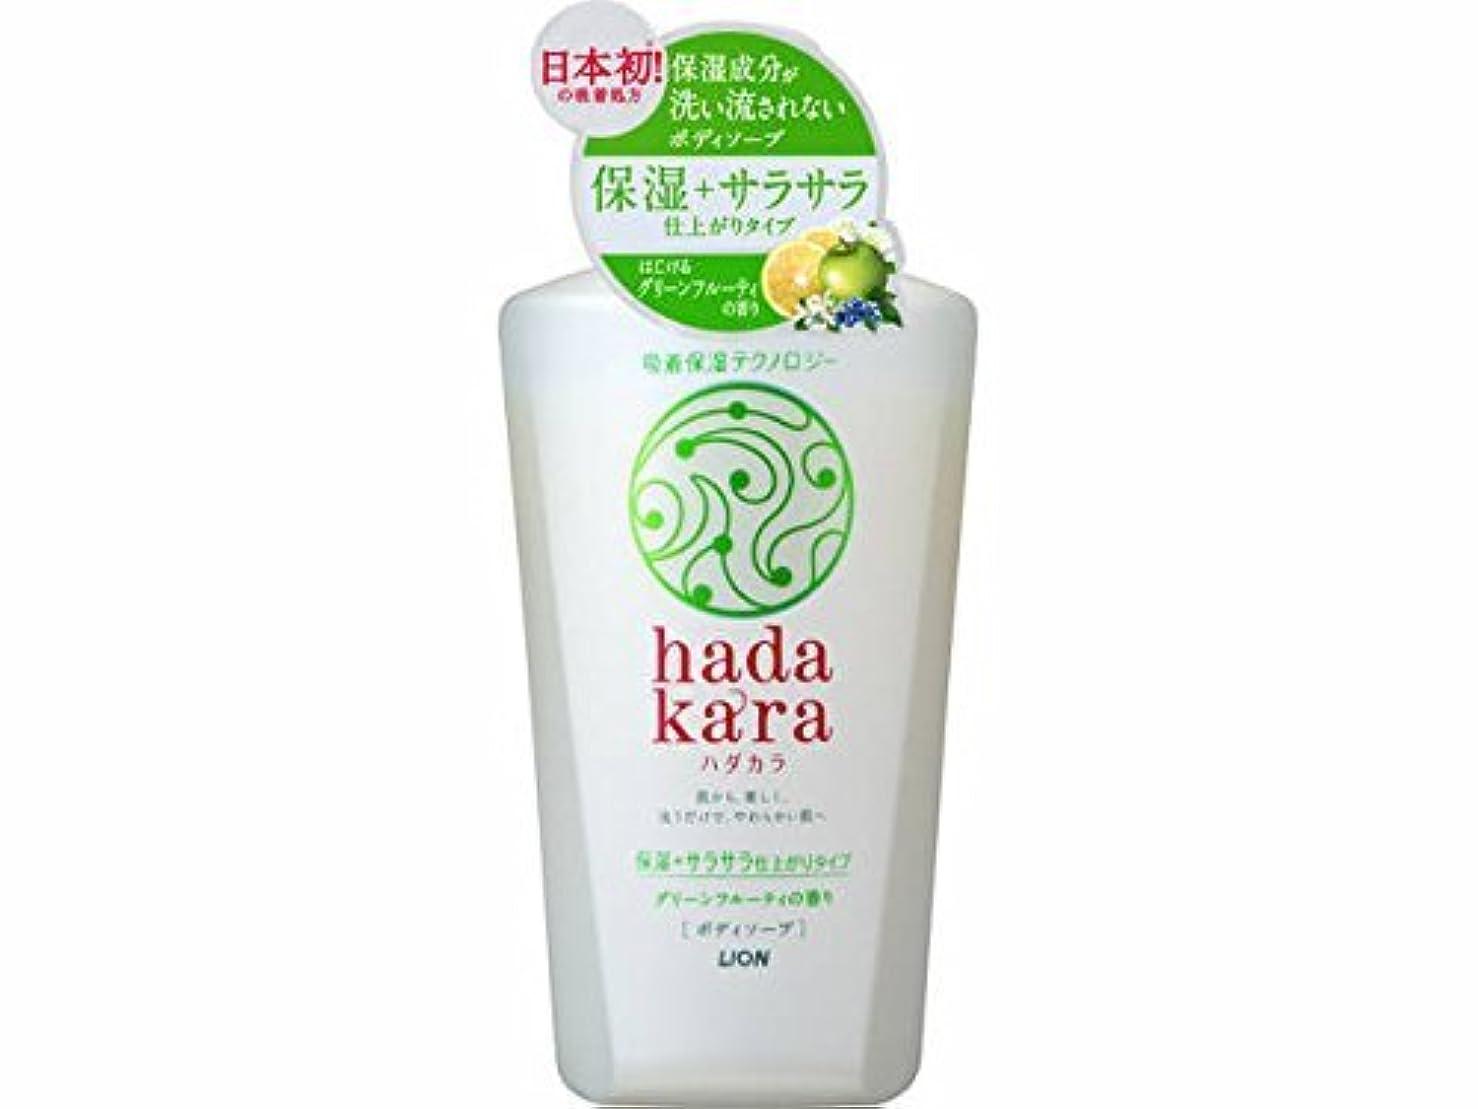 切り下げグラフィック十億ライオン hadakara(ハダカラ)ボディソープ 保湿+サラサラ仕上がりタイプ グリーンフルーティの香り 本体